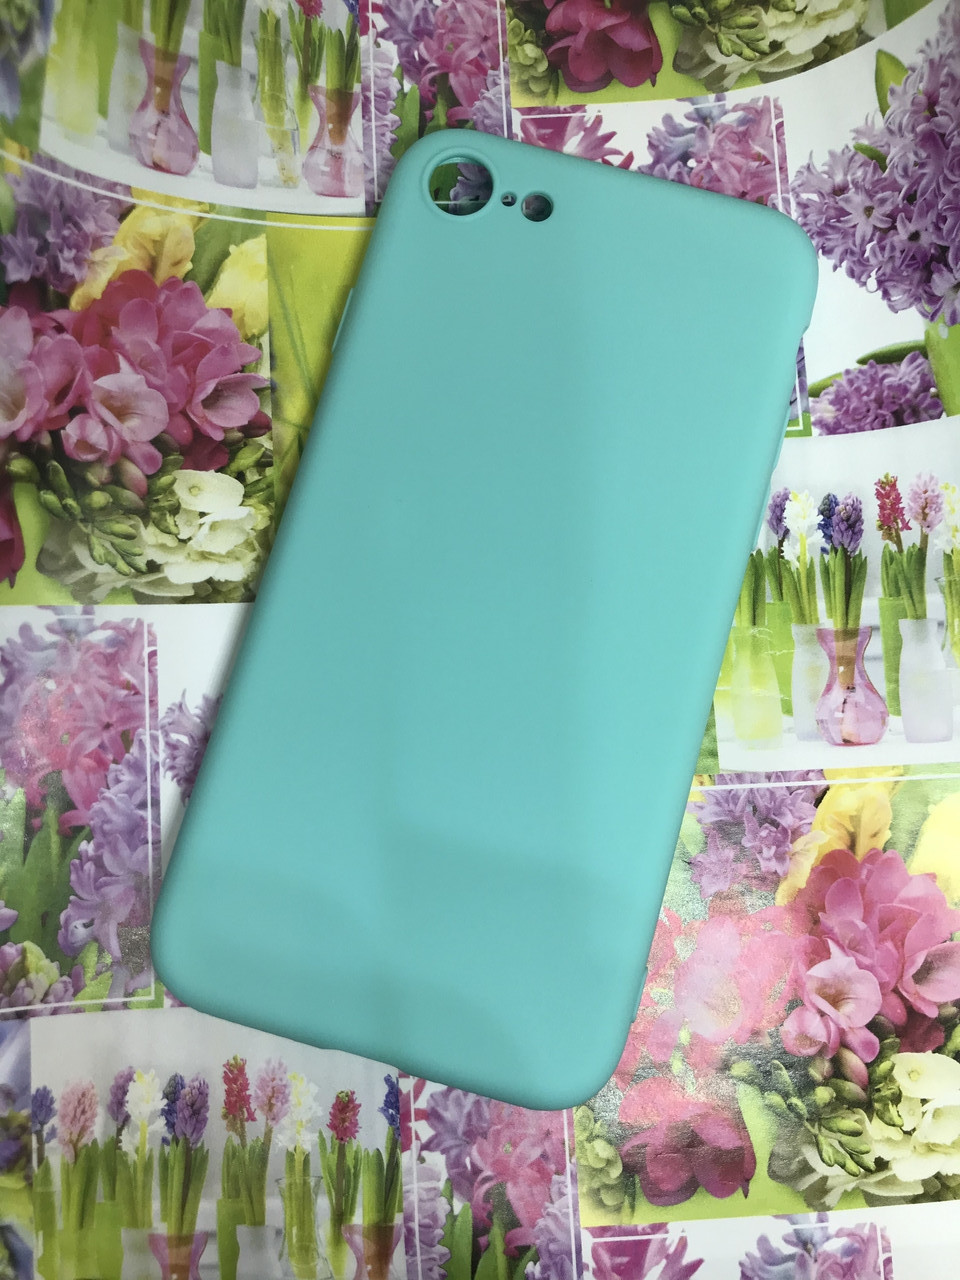 Apple Iphone 8 чехол / бампер / накладка цветной силиконовый матовый мятный ментоловый